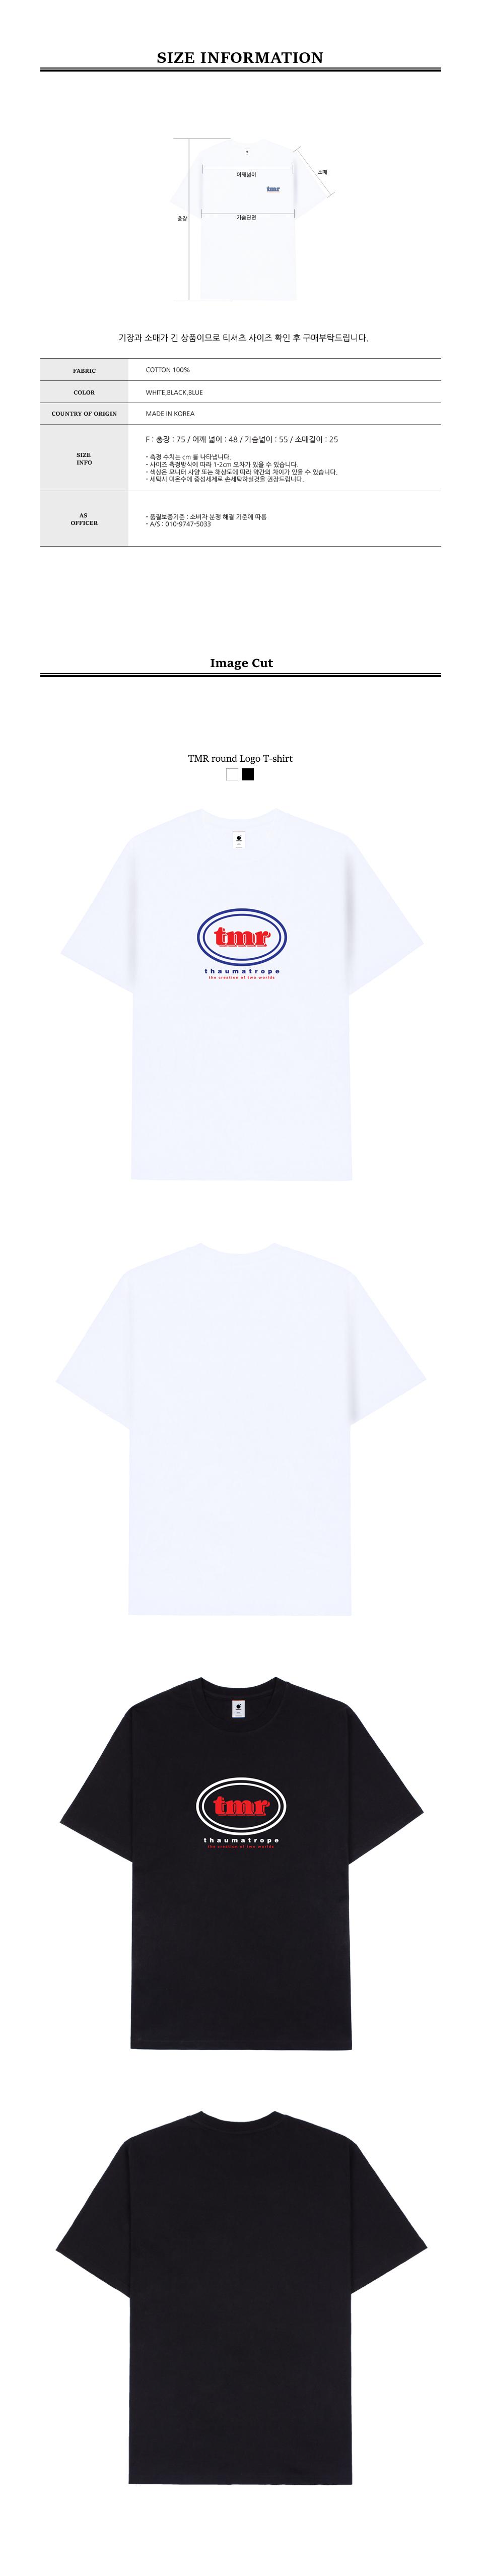 레이아웃-제작중-(18ss)-분할저장5번3.jpg